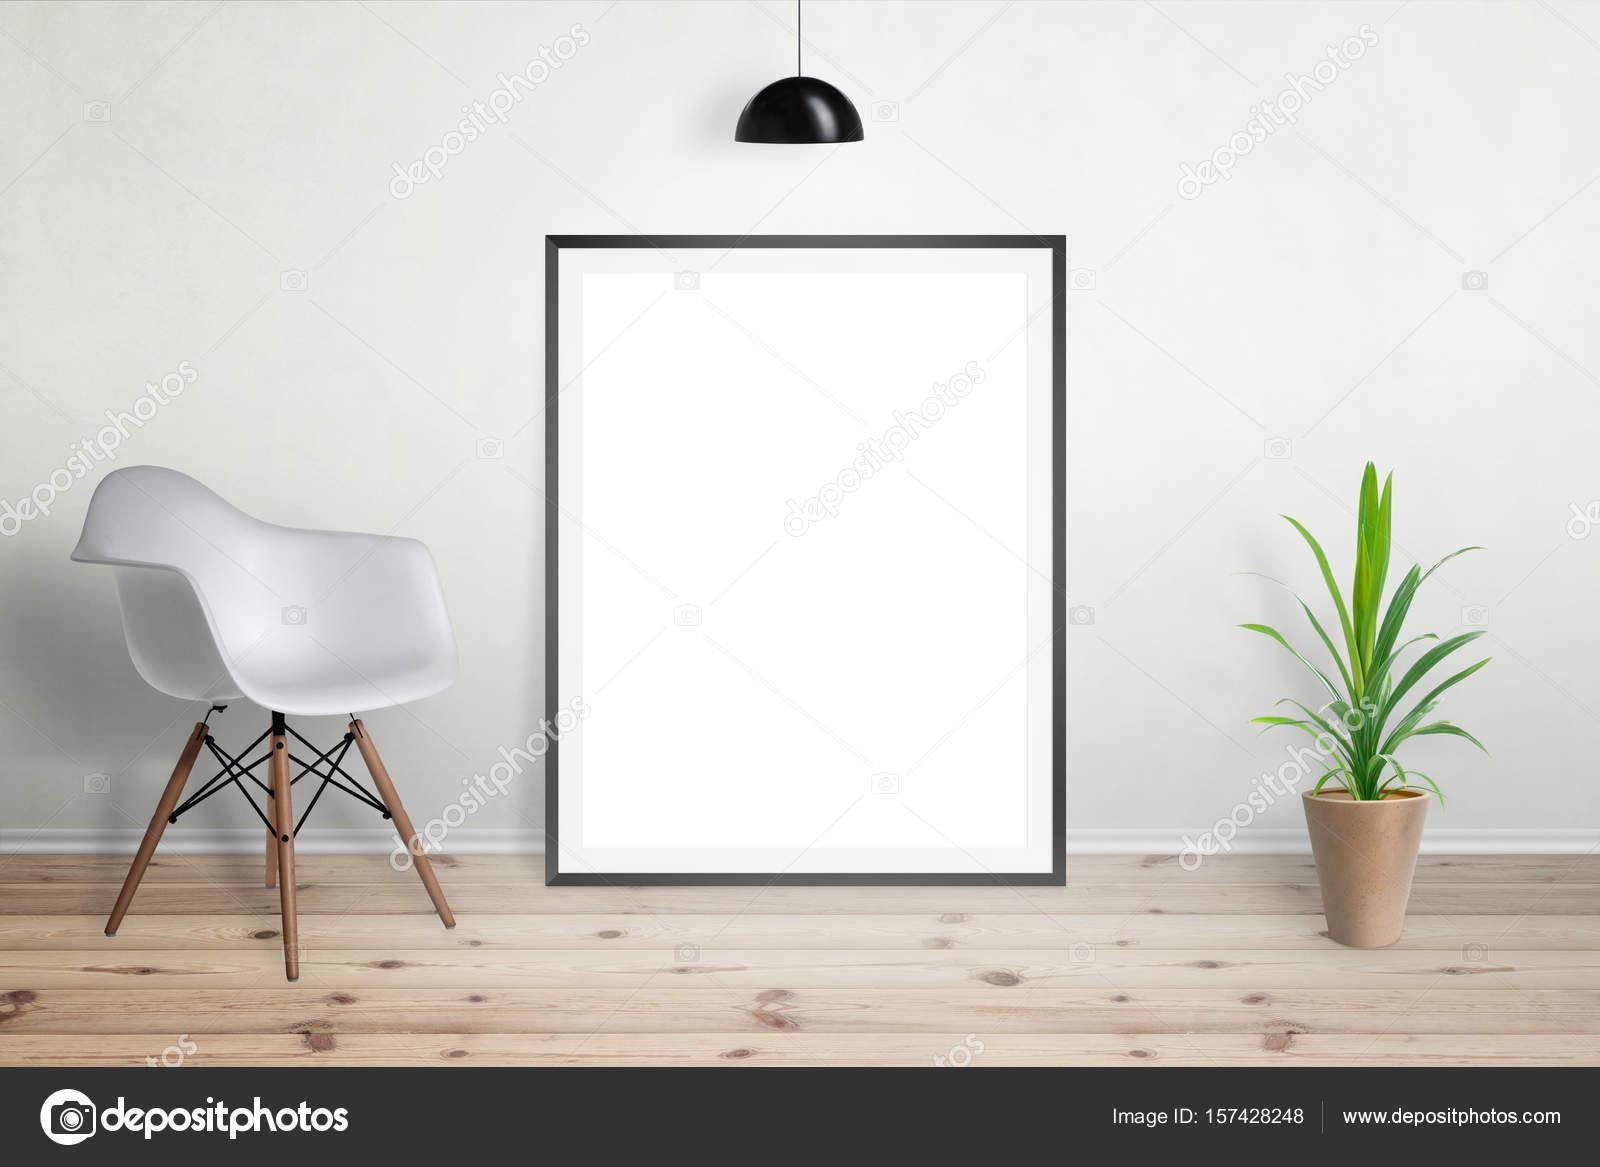 Bild-Frame-Modell. Wohnzimmer Innenraum mit Stuhl und Pflanze ...